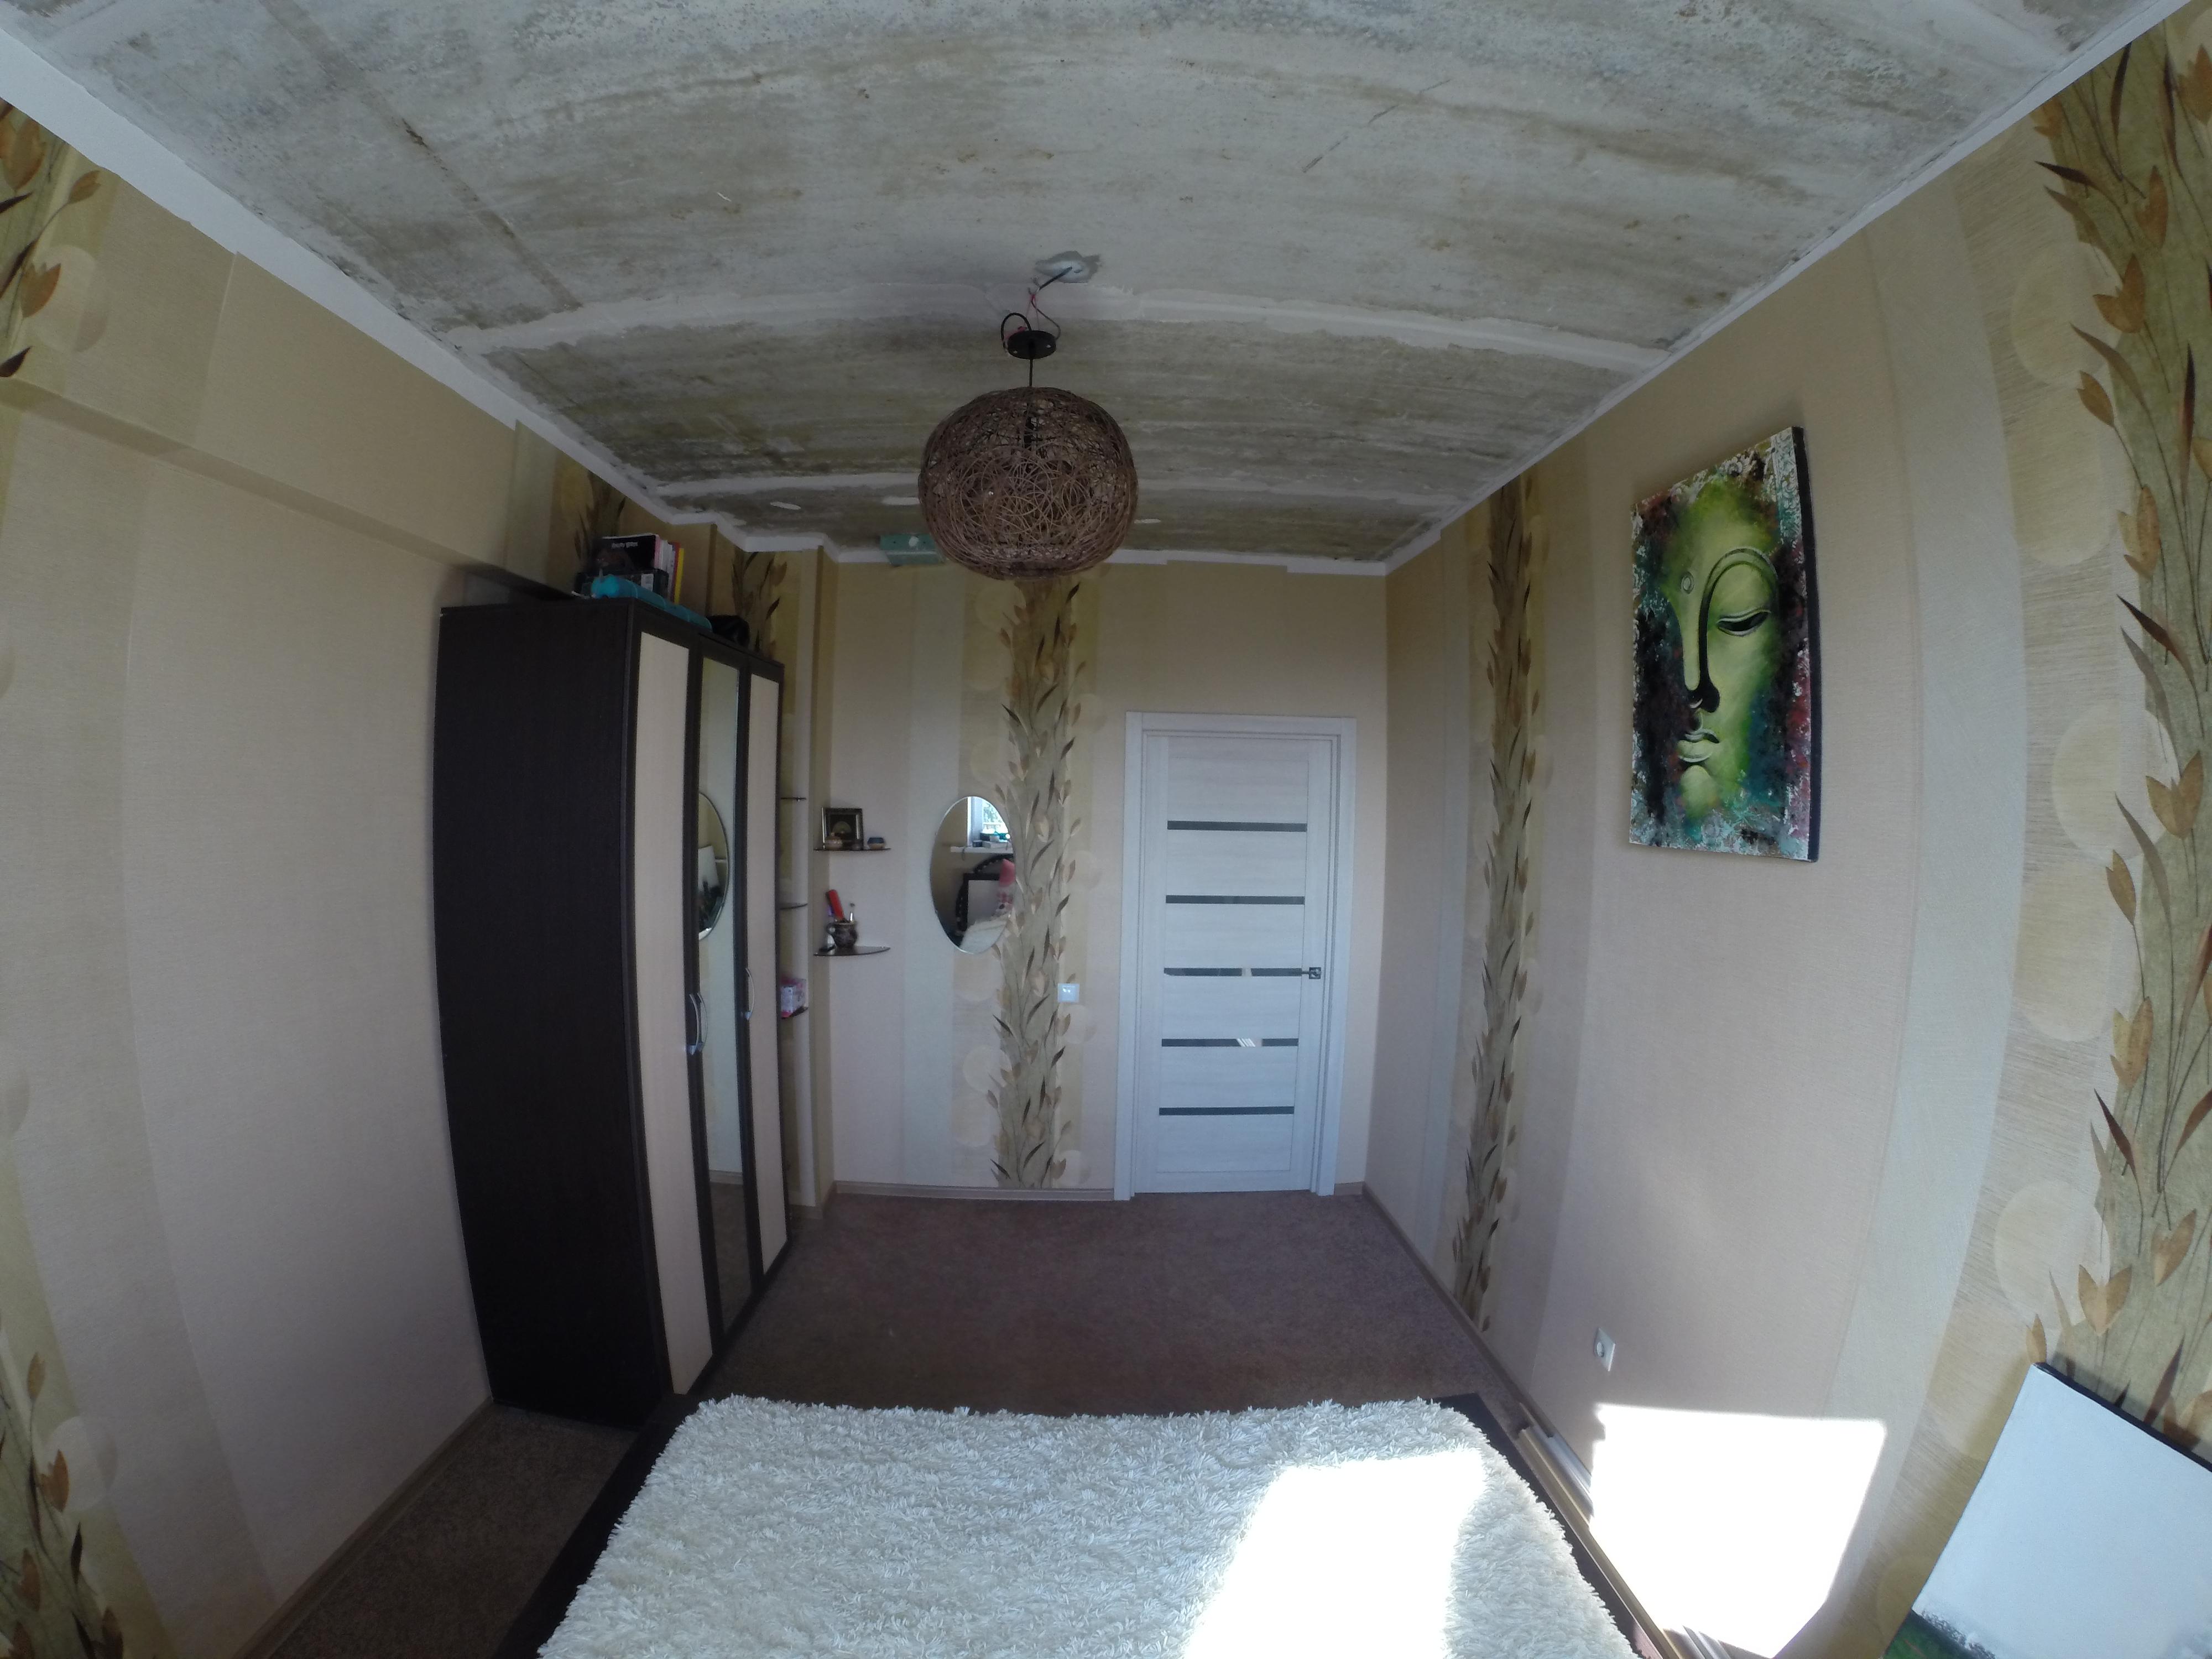 Квартира № 1 в п Березовый (комната)